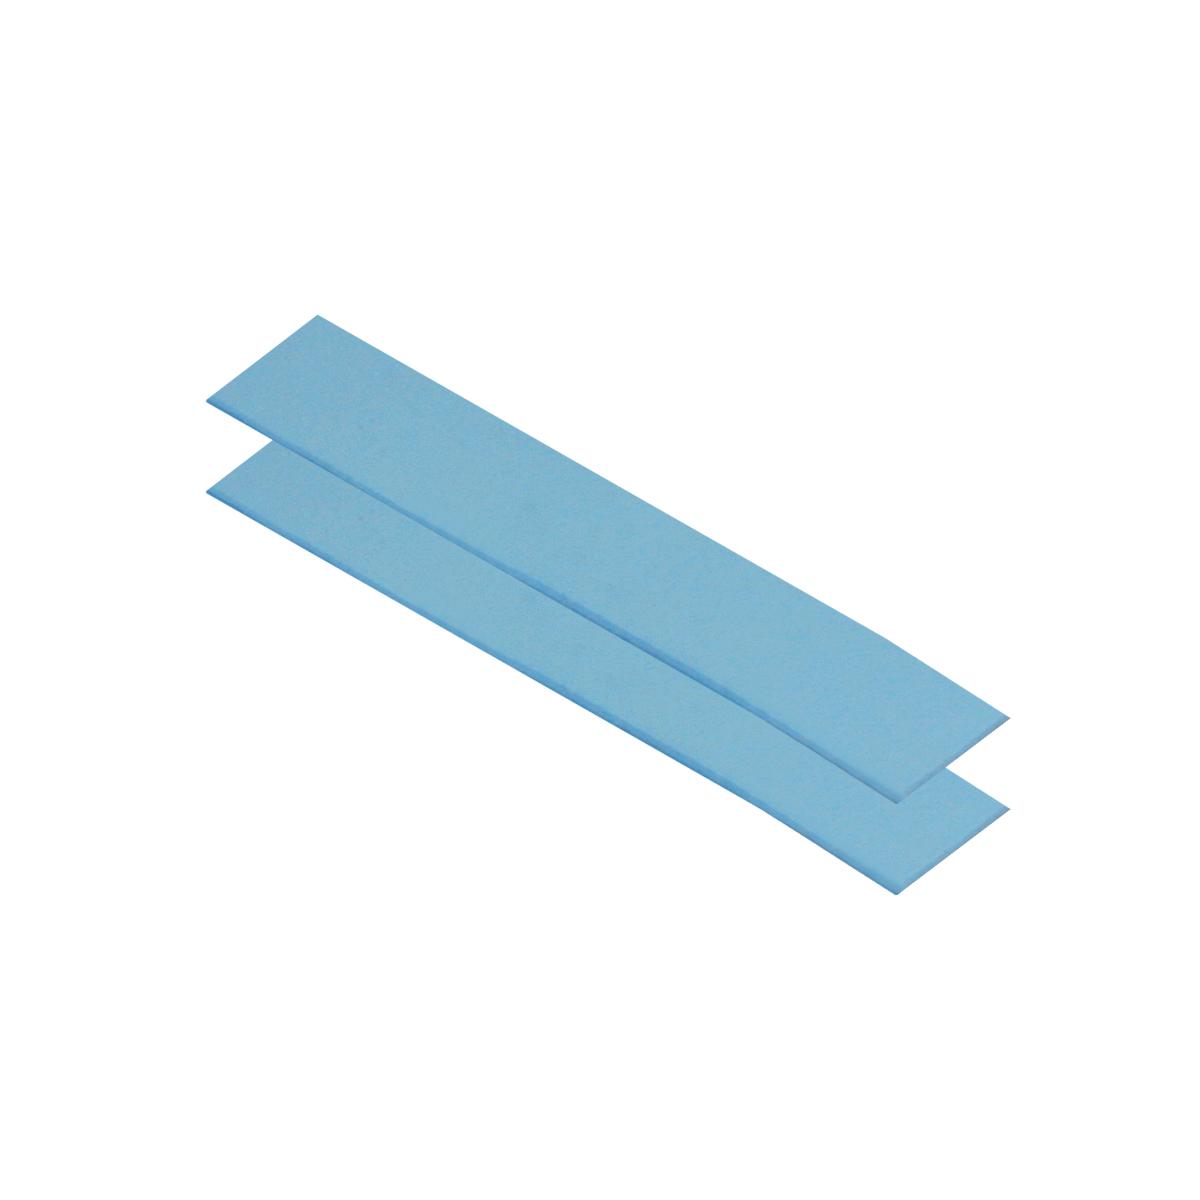 Arctic Thermal Pad - APT2560 - Blau - Silikon - 200 °C - 120 mm - 20 mm - 1 mm